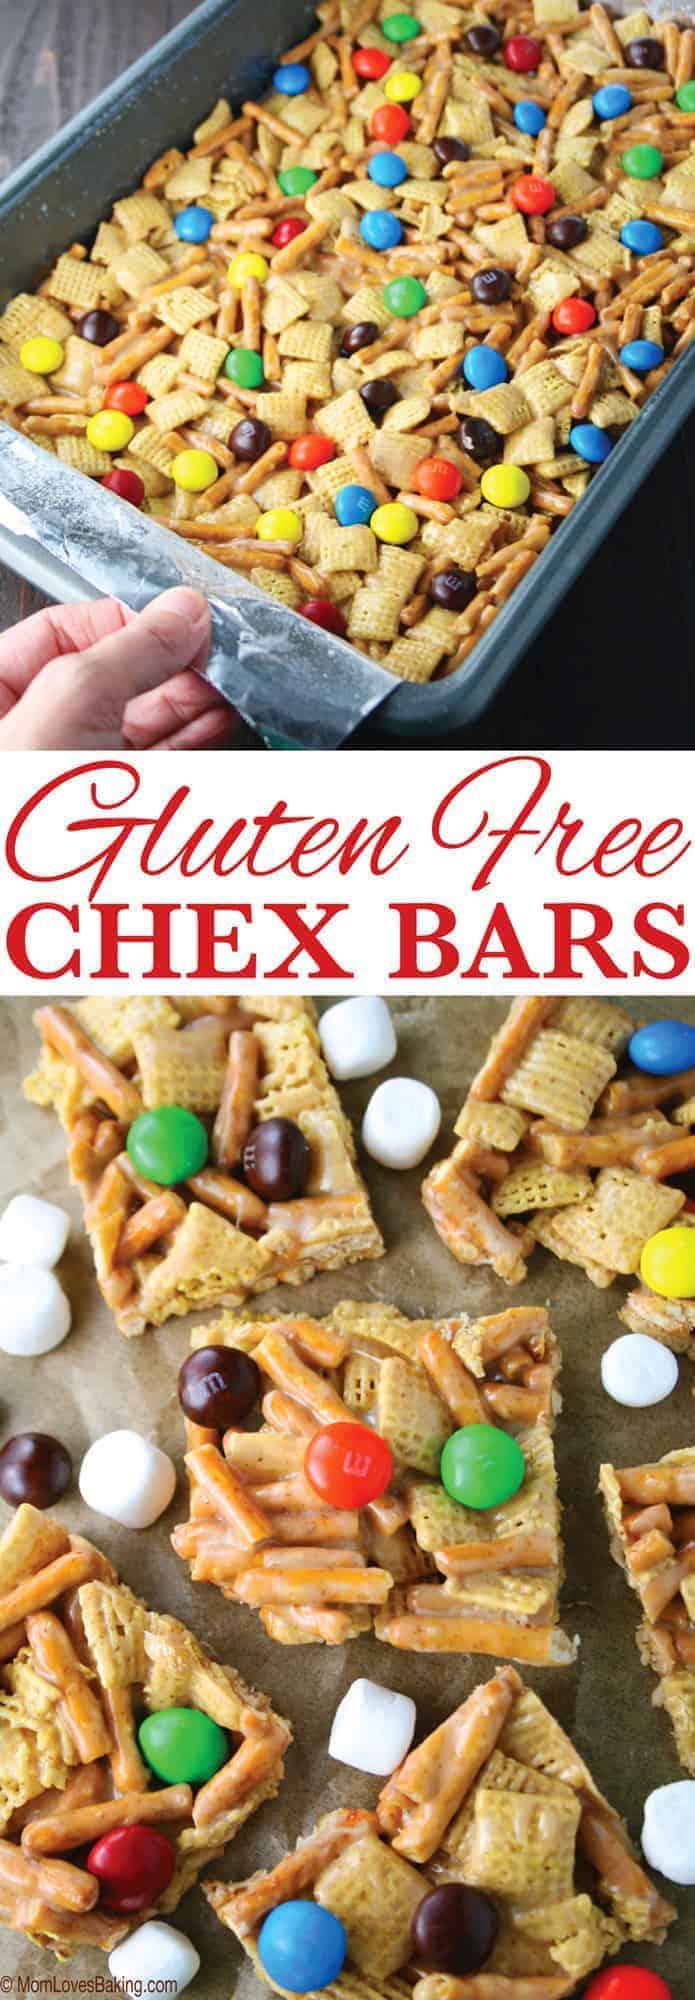 Gluten Free Chex Bars